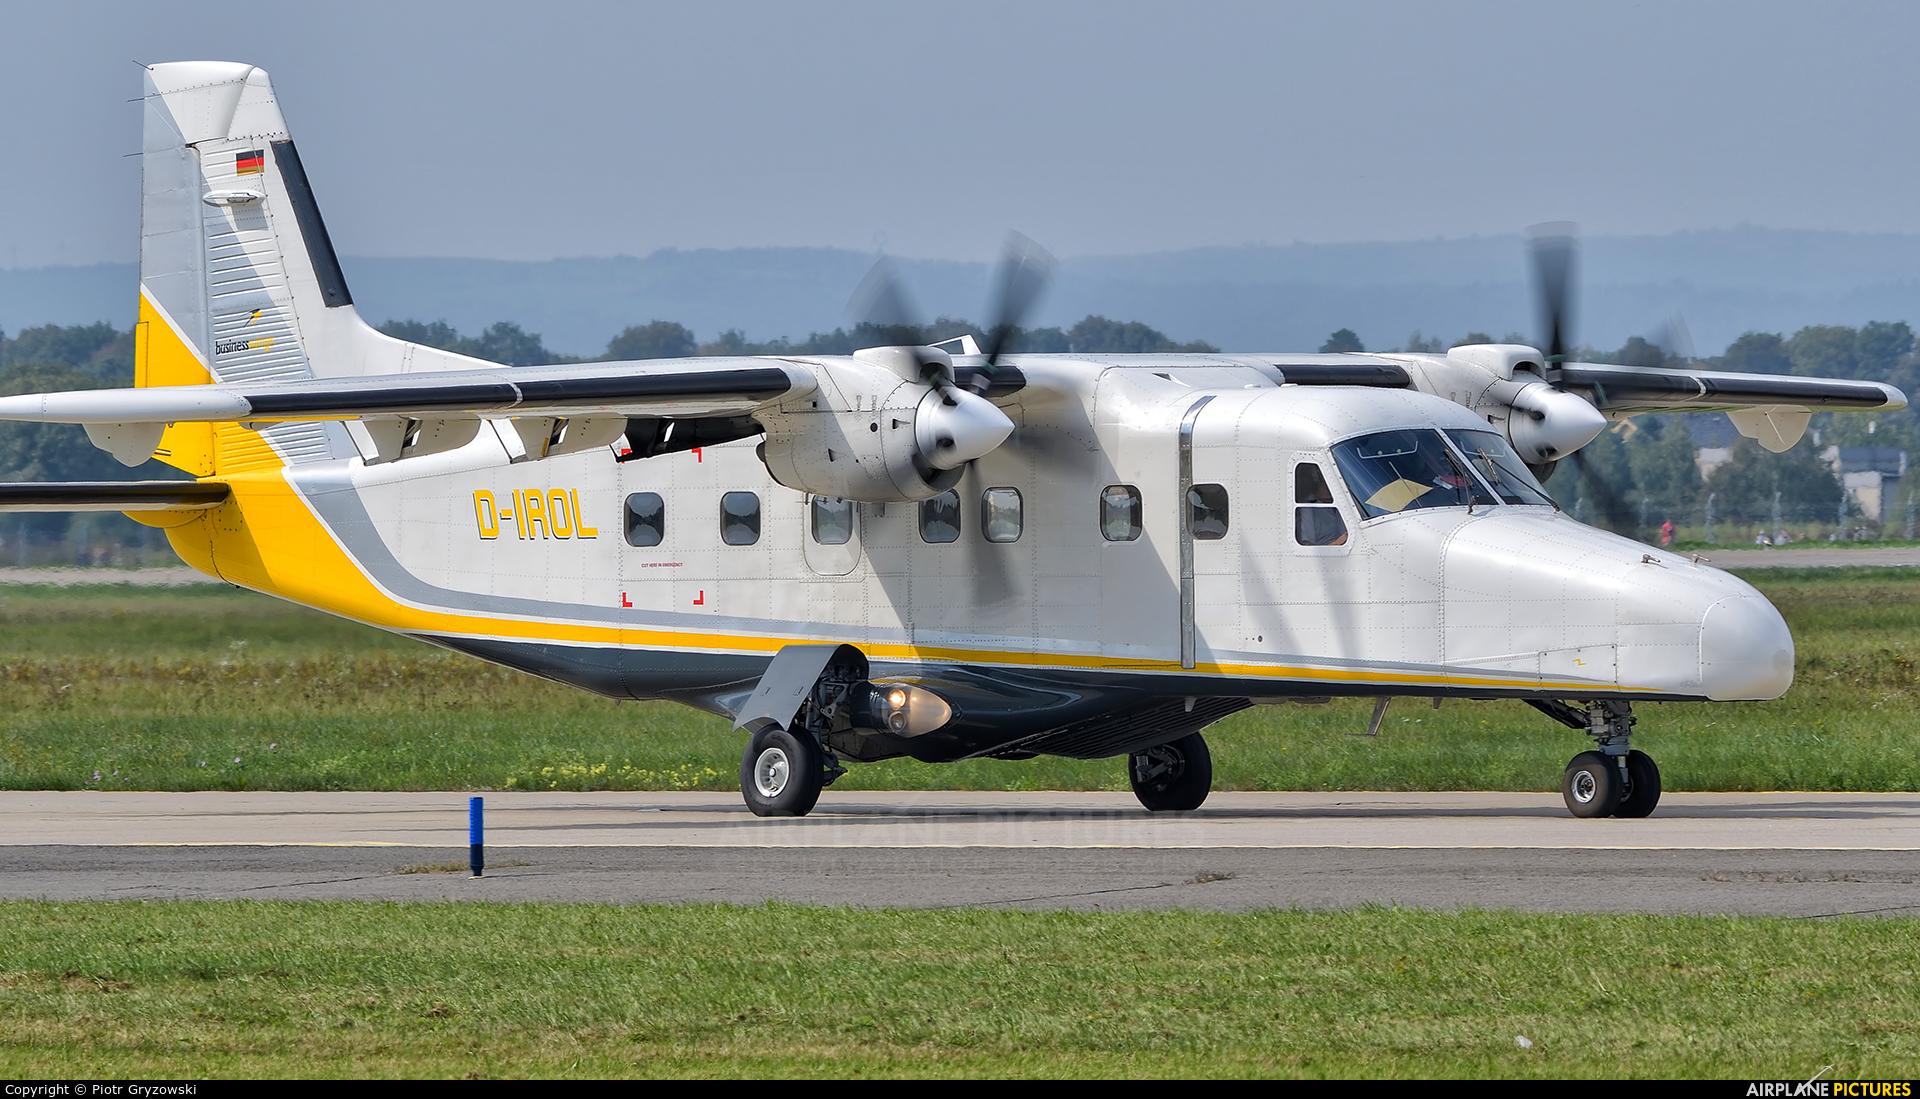 Businesswings D-IROL aircraft at Ostrava Mošnov